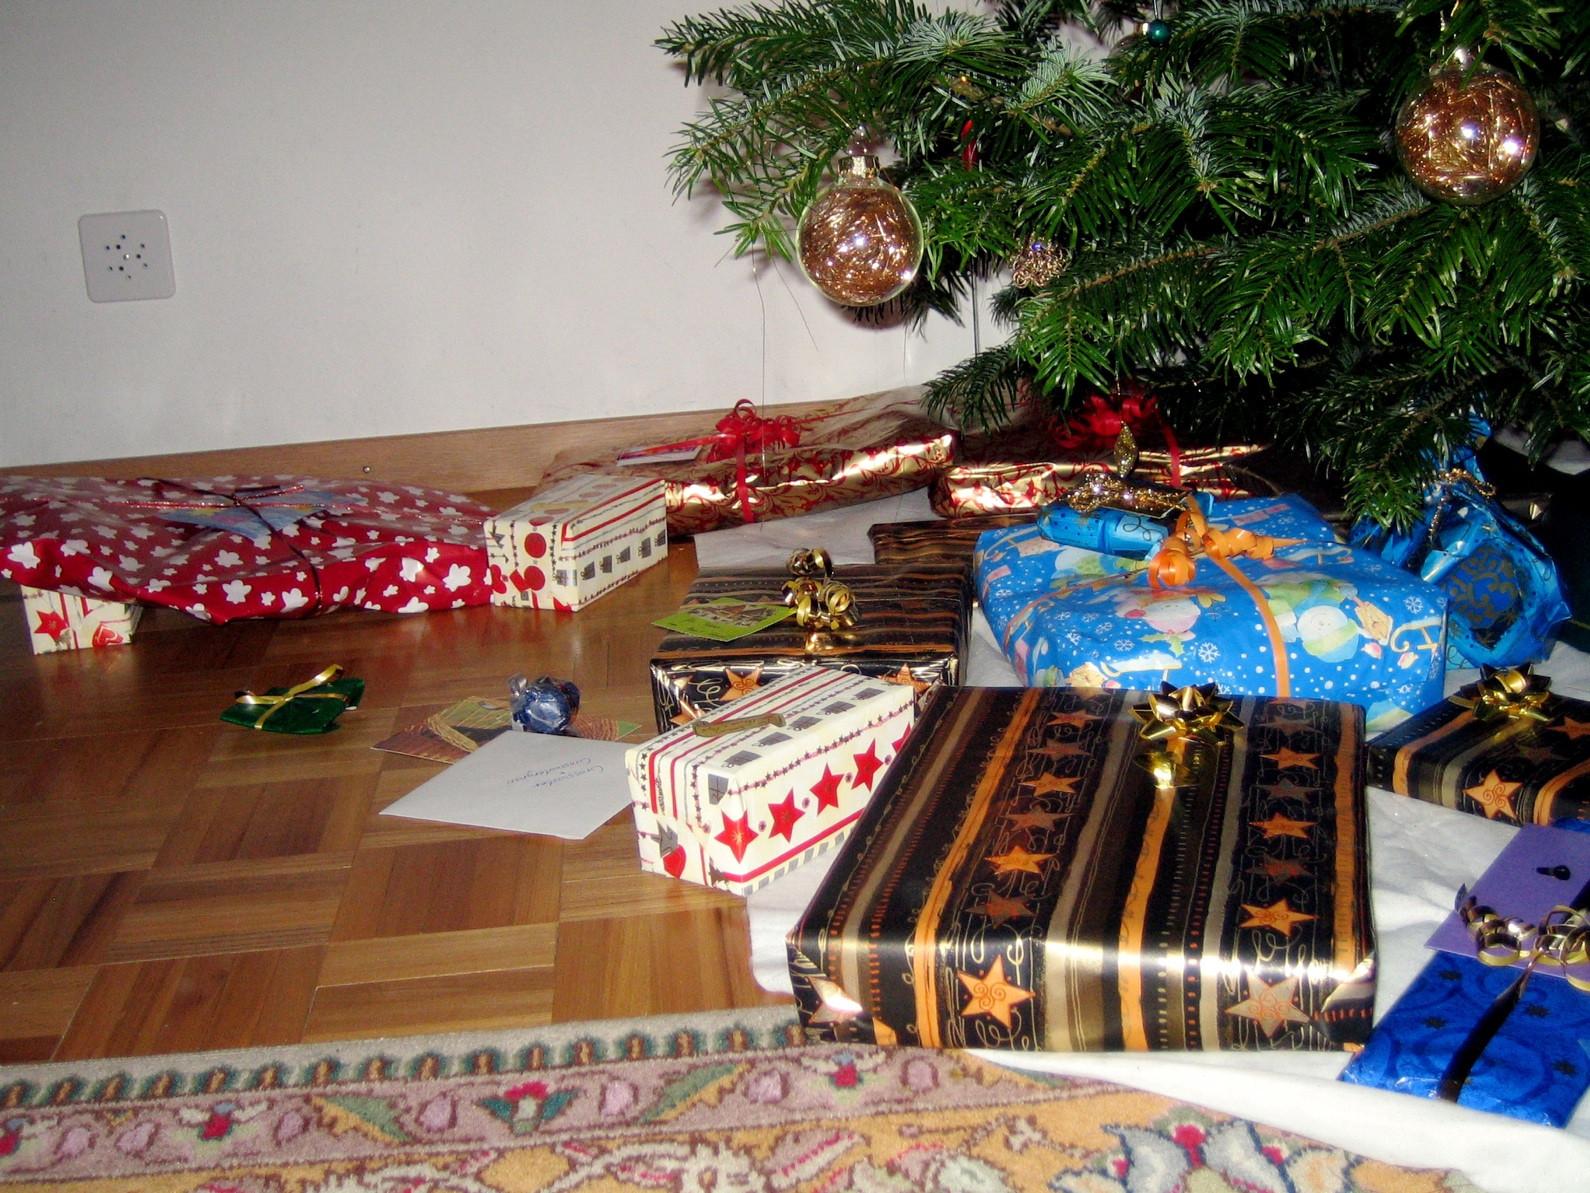 Weihnachts Geschenke  File Weihnachtsgeschenke Wikimedia mons